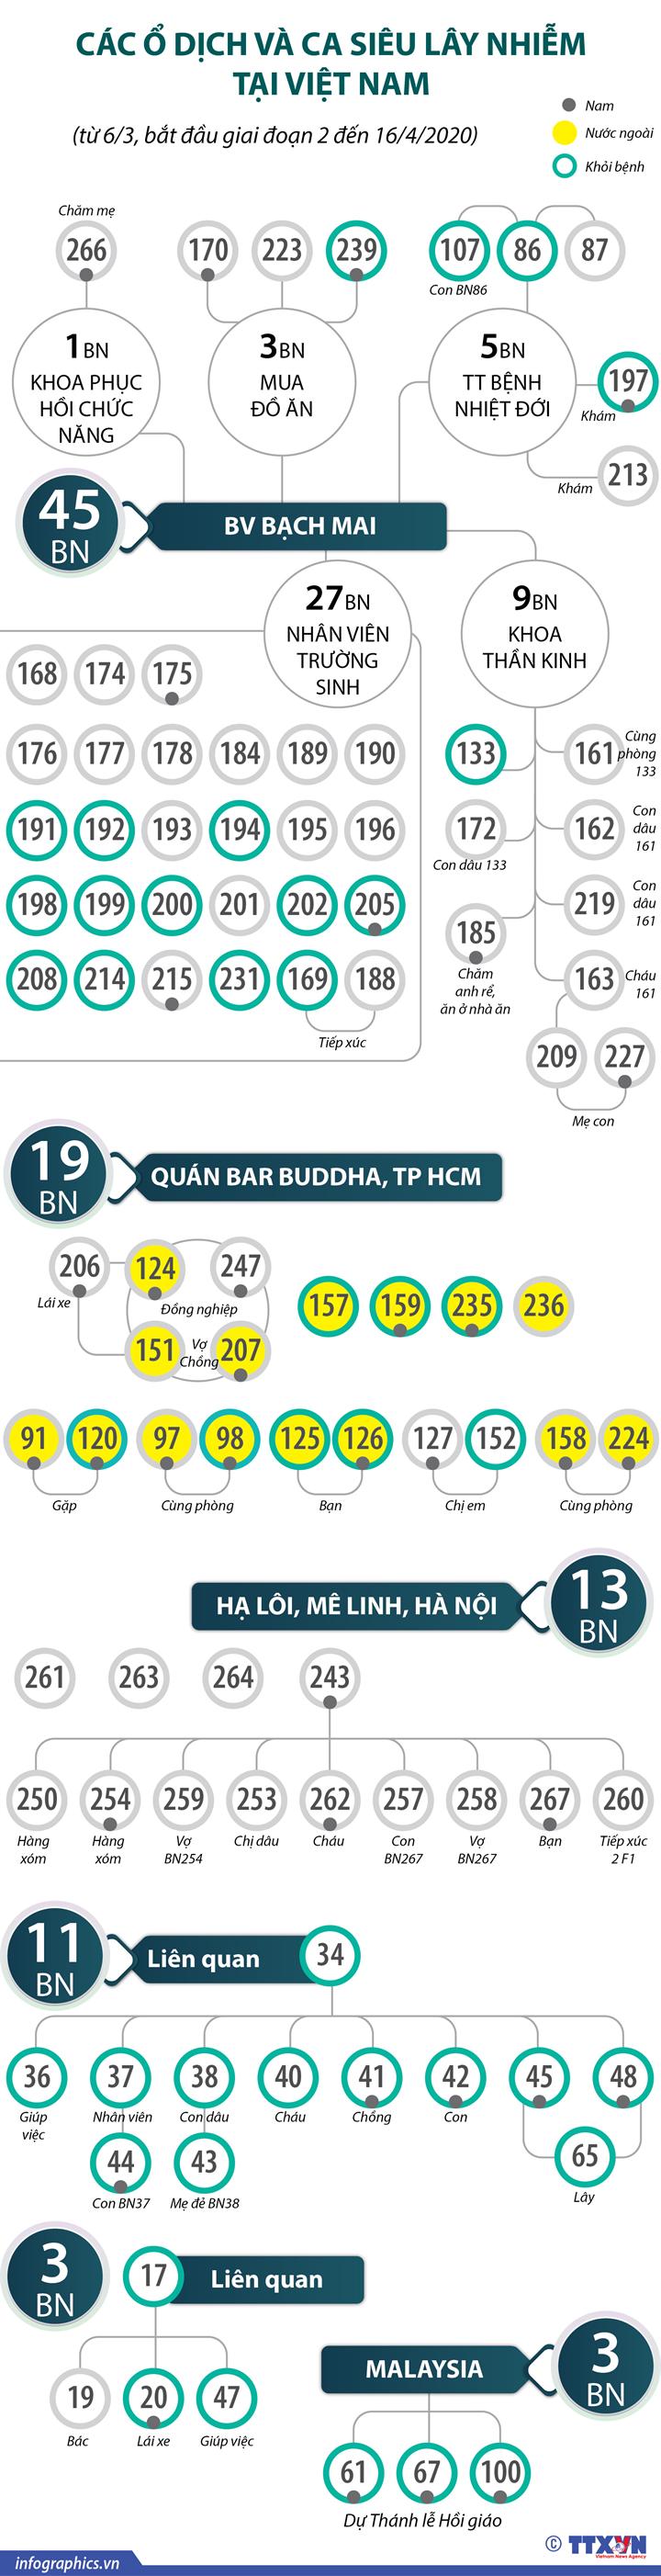 Các ổ dịch và ca siêu lây nhiễm tại Việt Nam